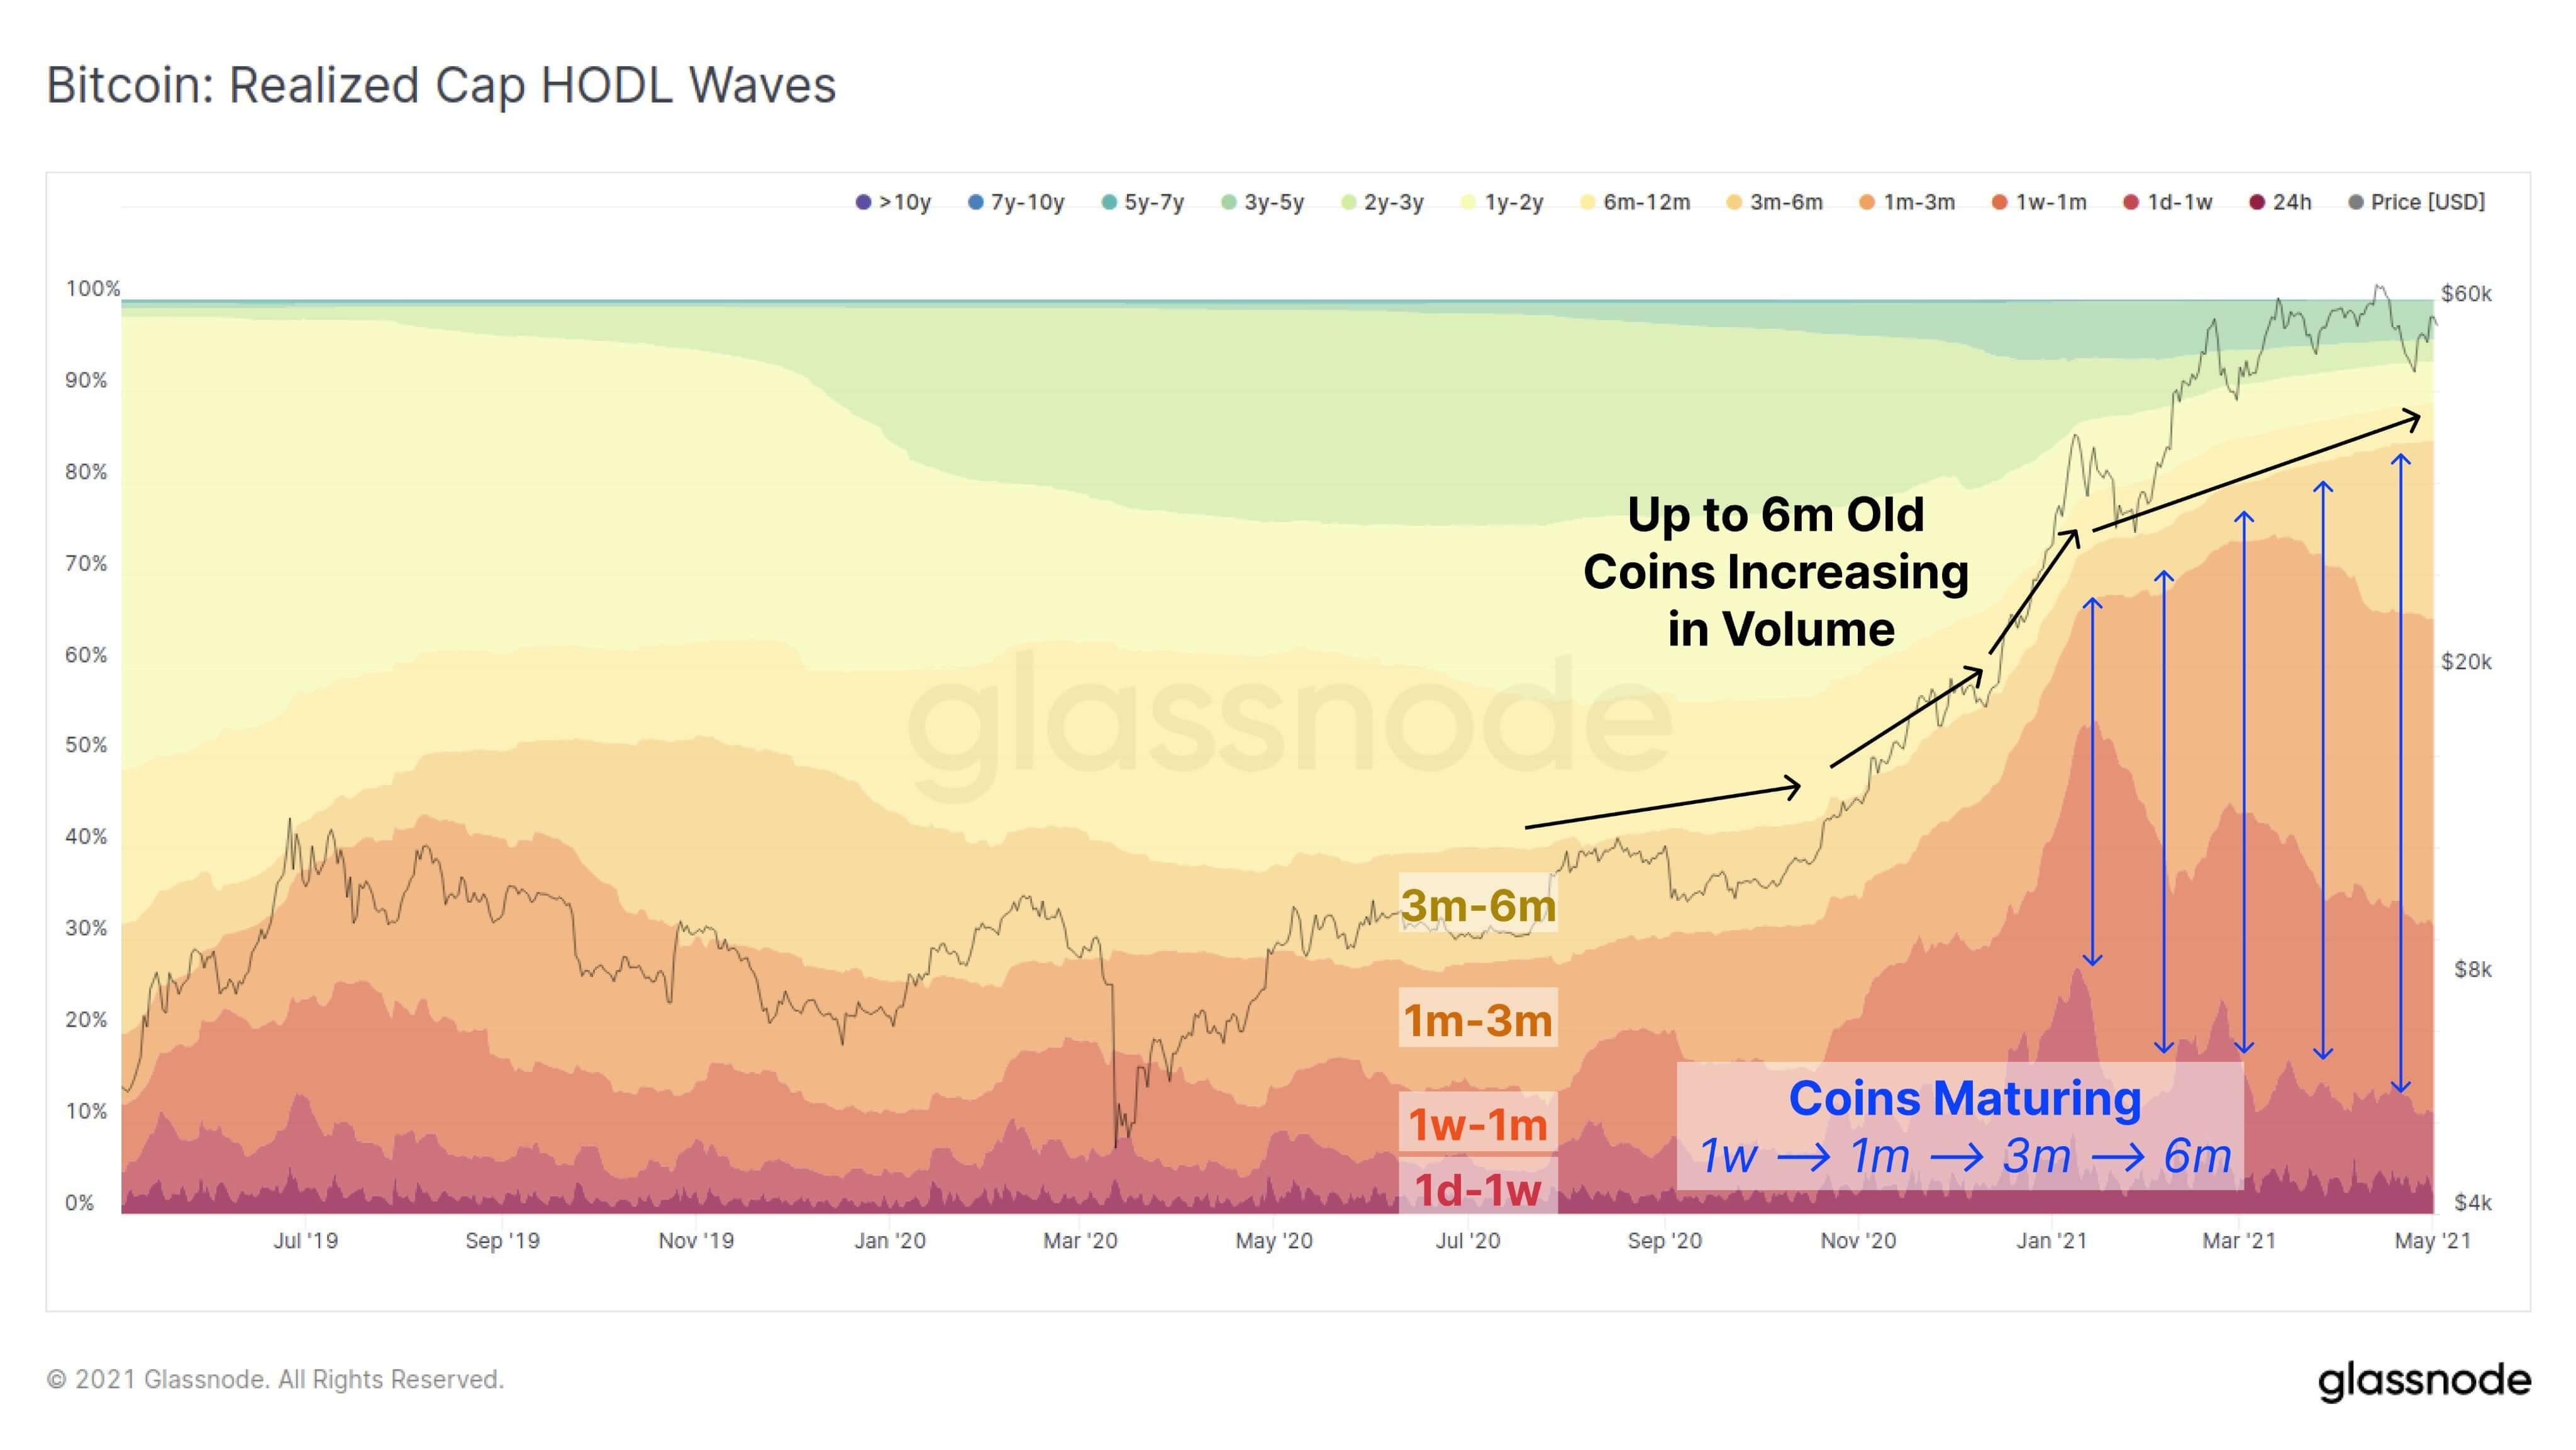 график криптовалюты индикатор